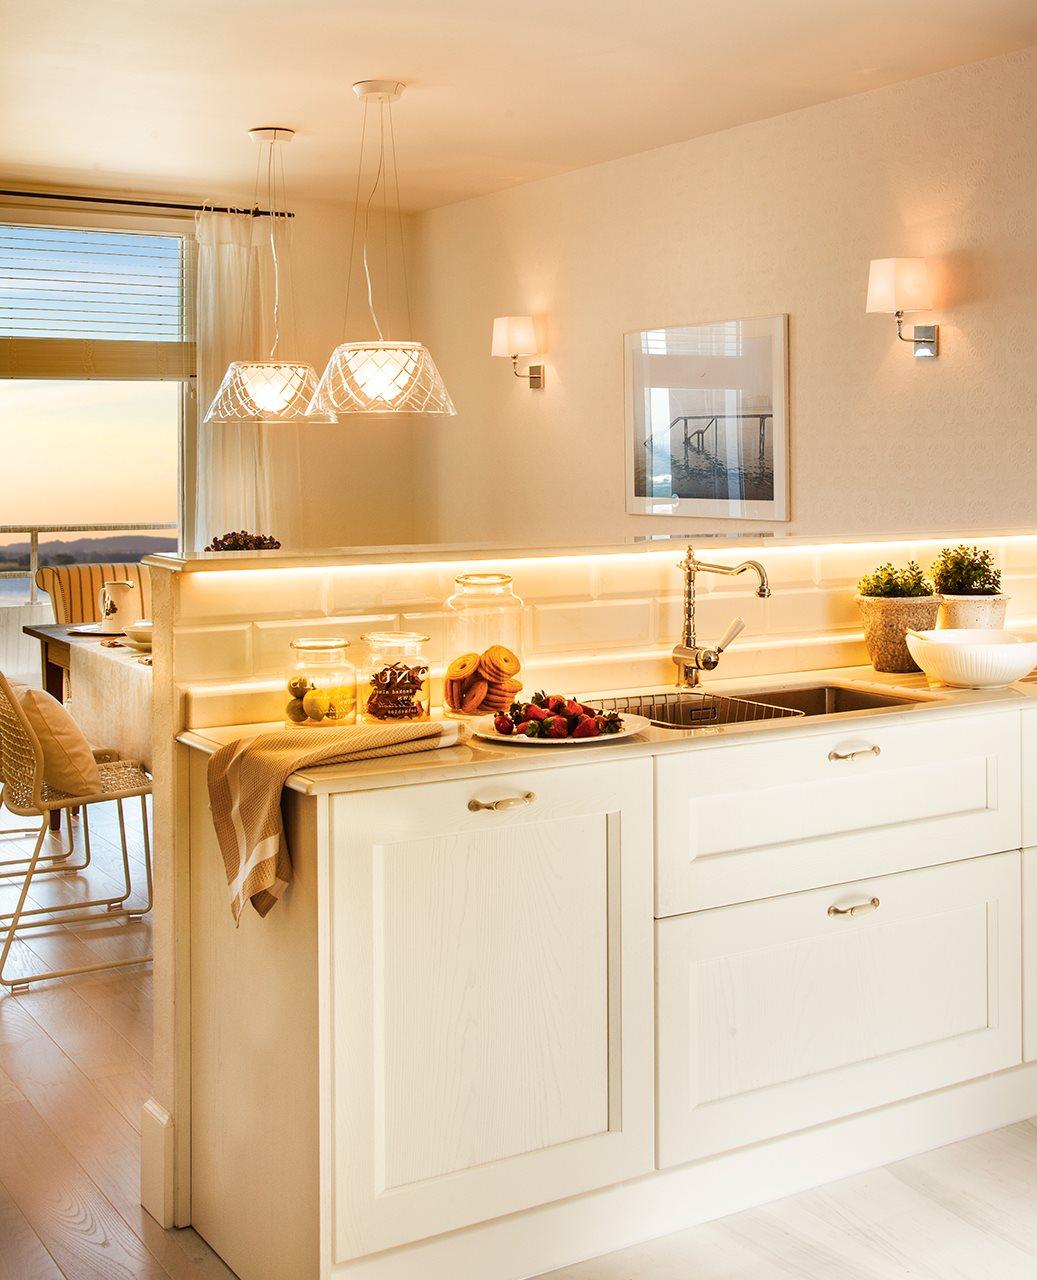 Qu luz le va a cada estancia acierta for Cocina sin azulejos